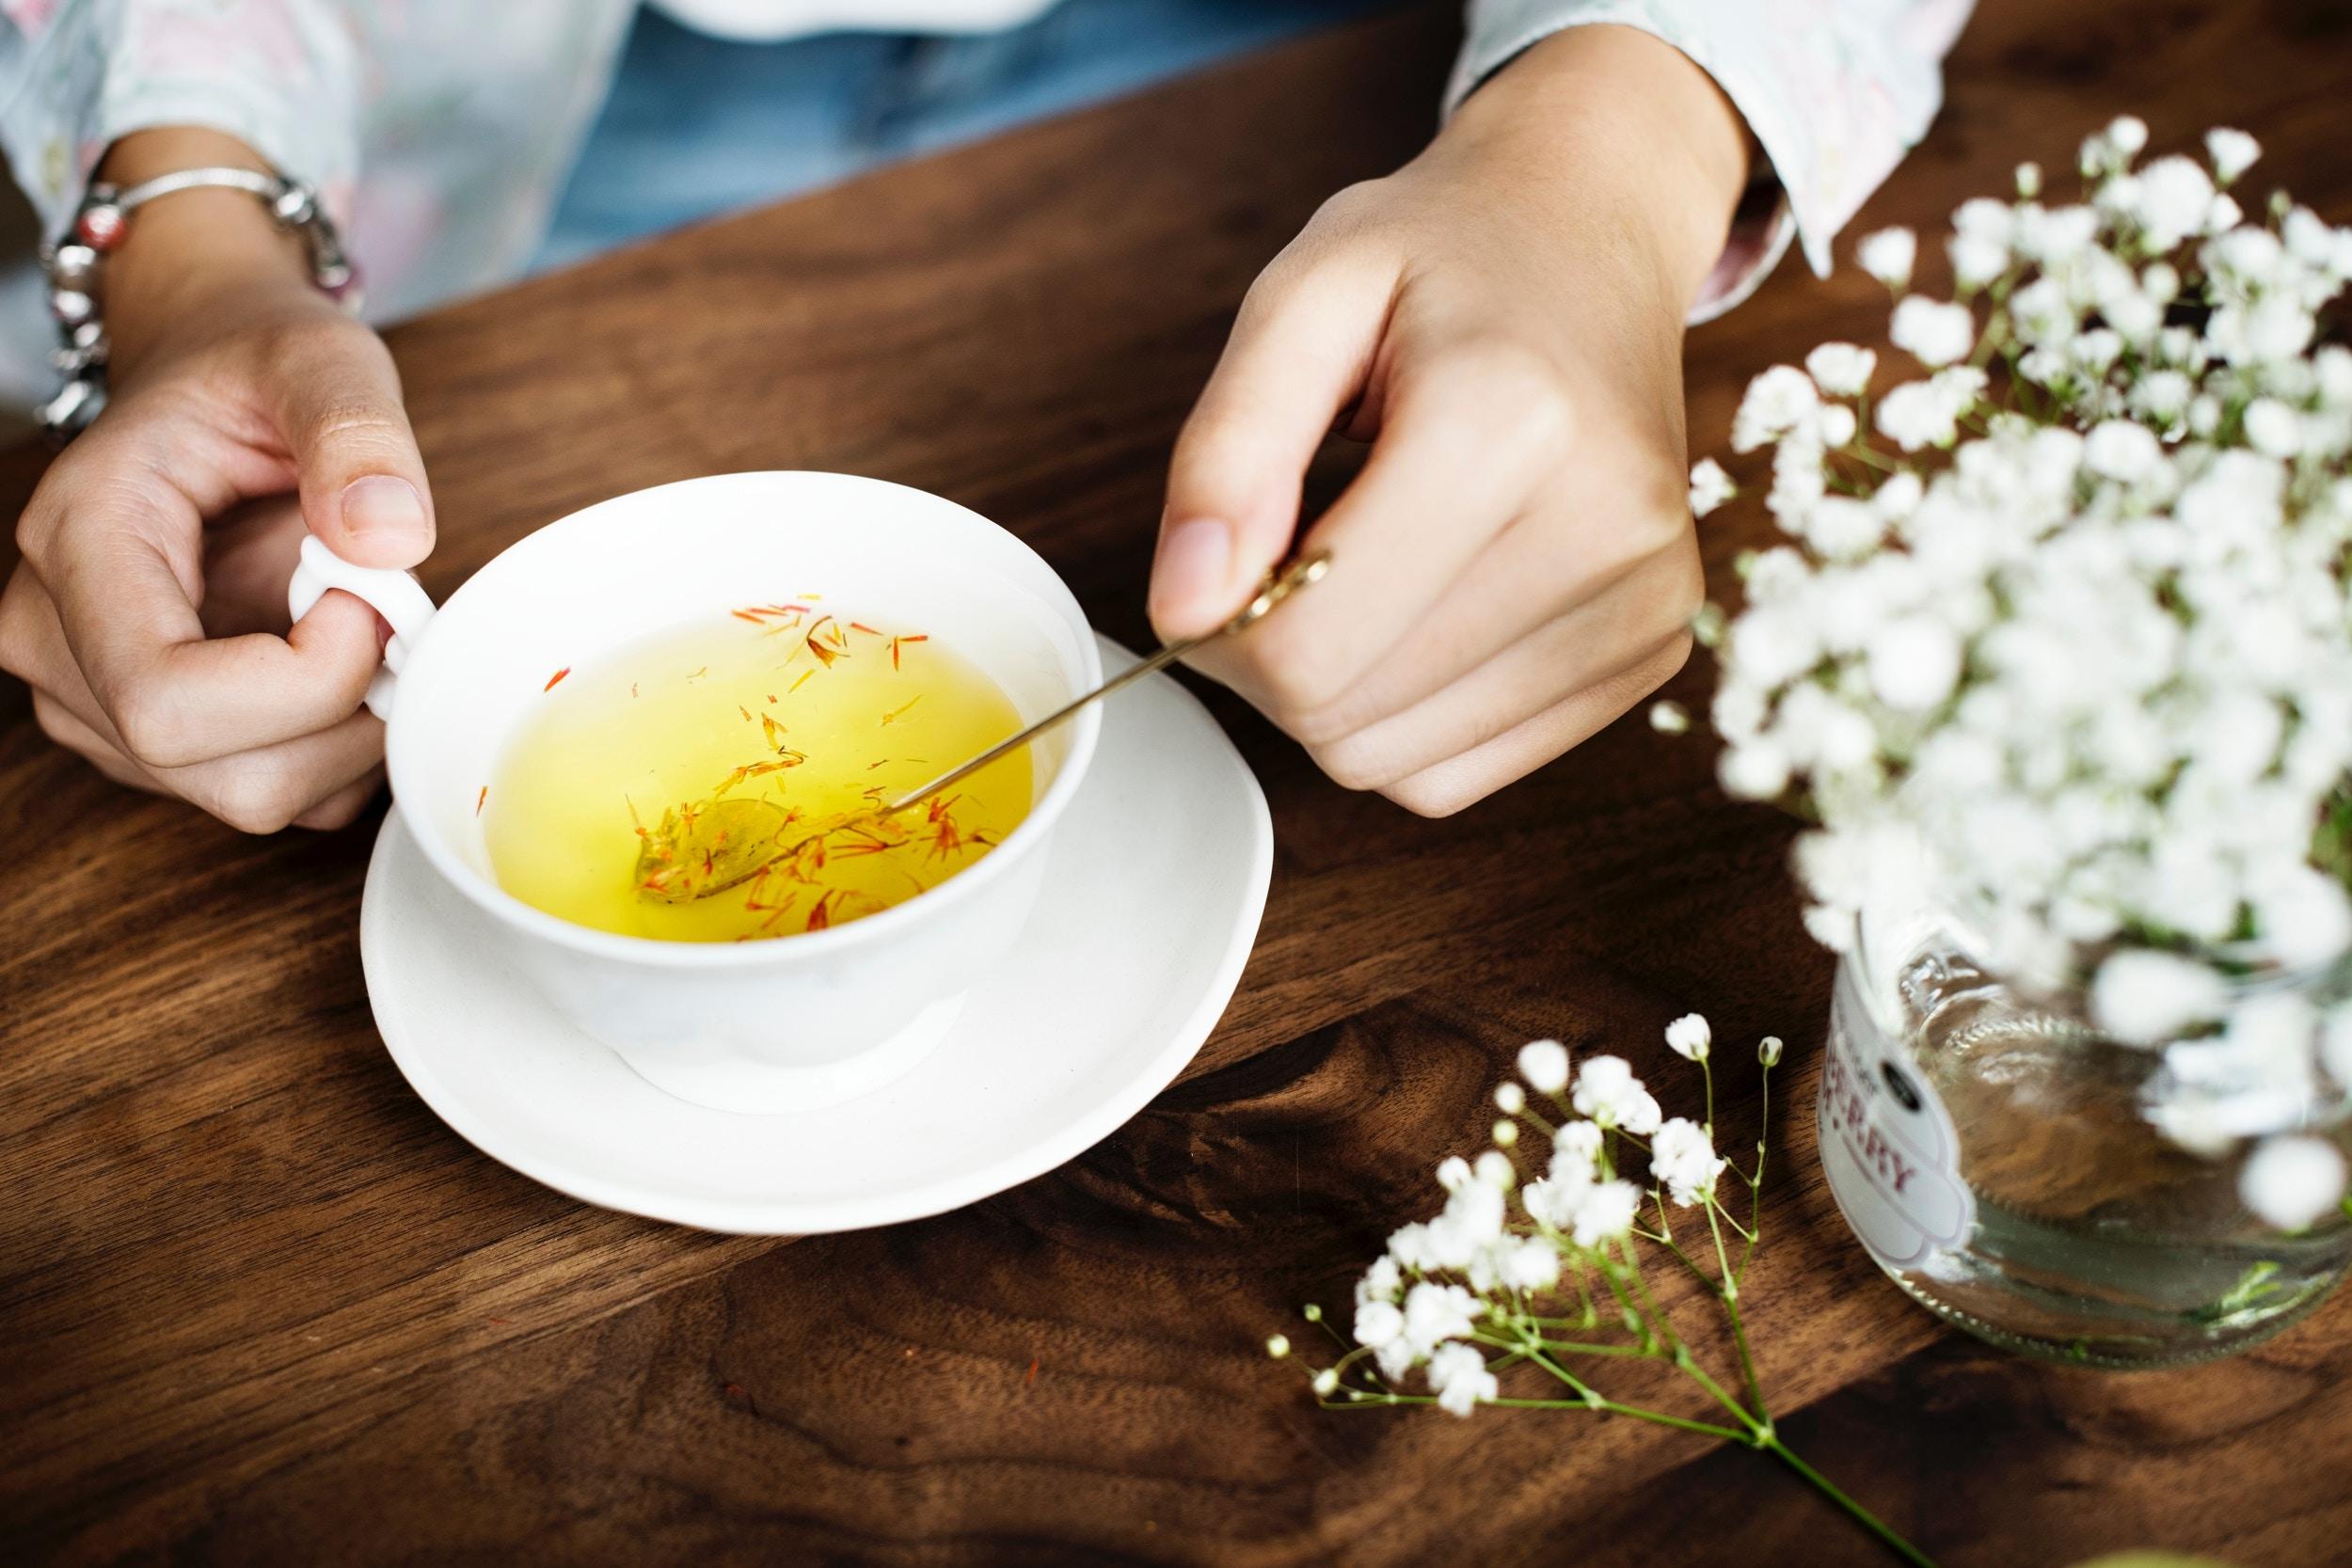 L'équipe Dynastea - Au fil du temps, Dynastea Box s'est agrandie et de nouveaux membres se sont joints au projet de Stéphanie. Manon, webdesigner et graphiste ainsi que Solène, chargée de la stratégie de marketing aident Stéphanie au quotidien. Passionnées de thé, c'est avec plaisir qu'elles dégustent des dizaines de thé chaque semaine pour vous partager leurs coups de coeur !